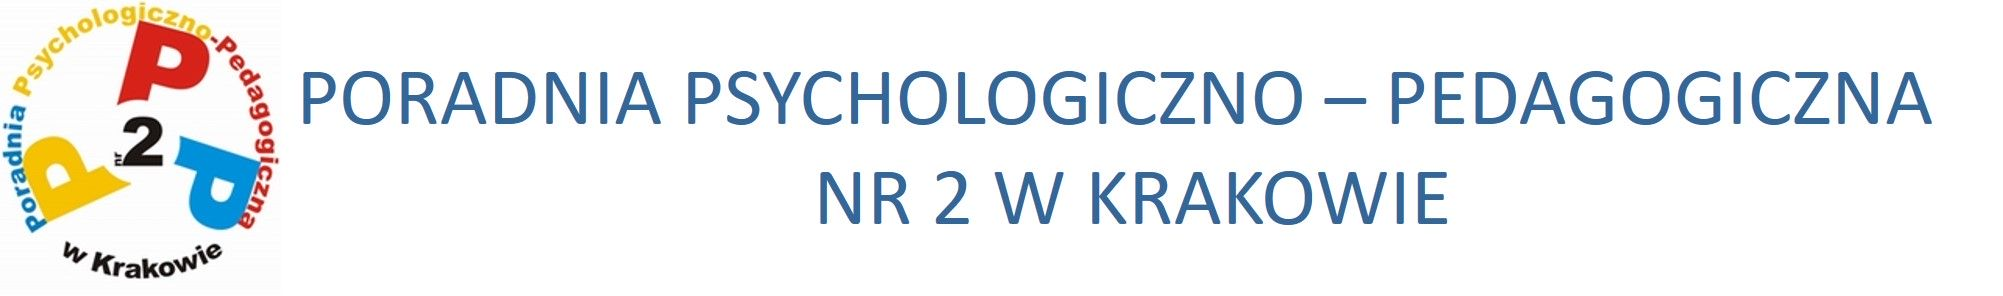 PORADNIA PSYCHOLOGICZNO – PEDAGOGICZNA NR 2 W KRAKOWIE